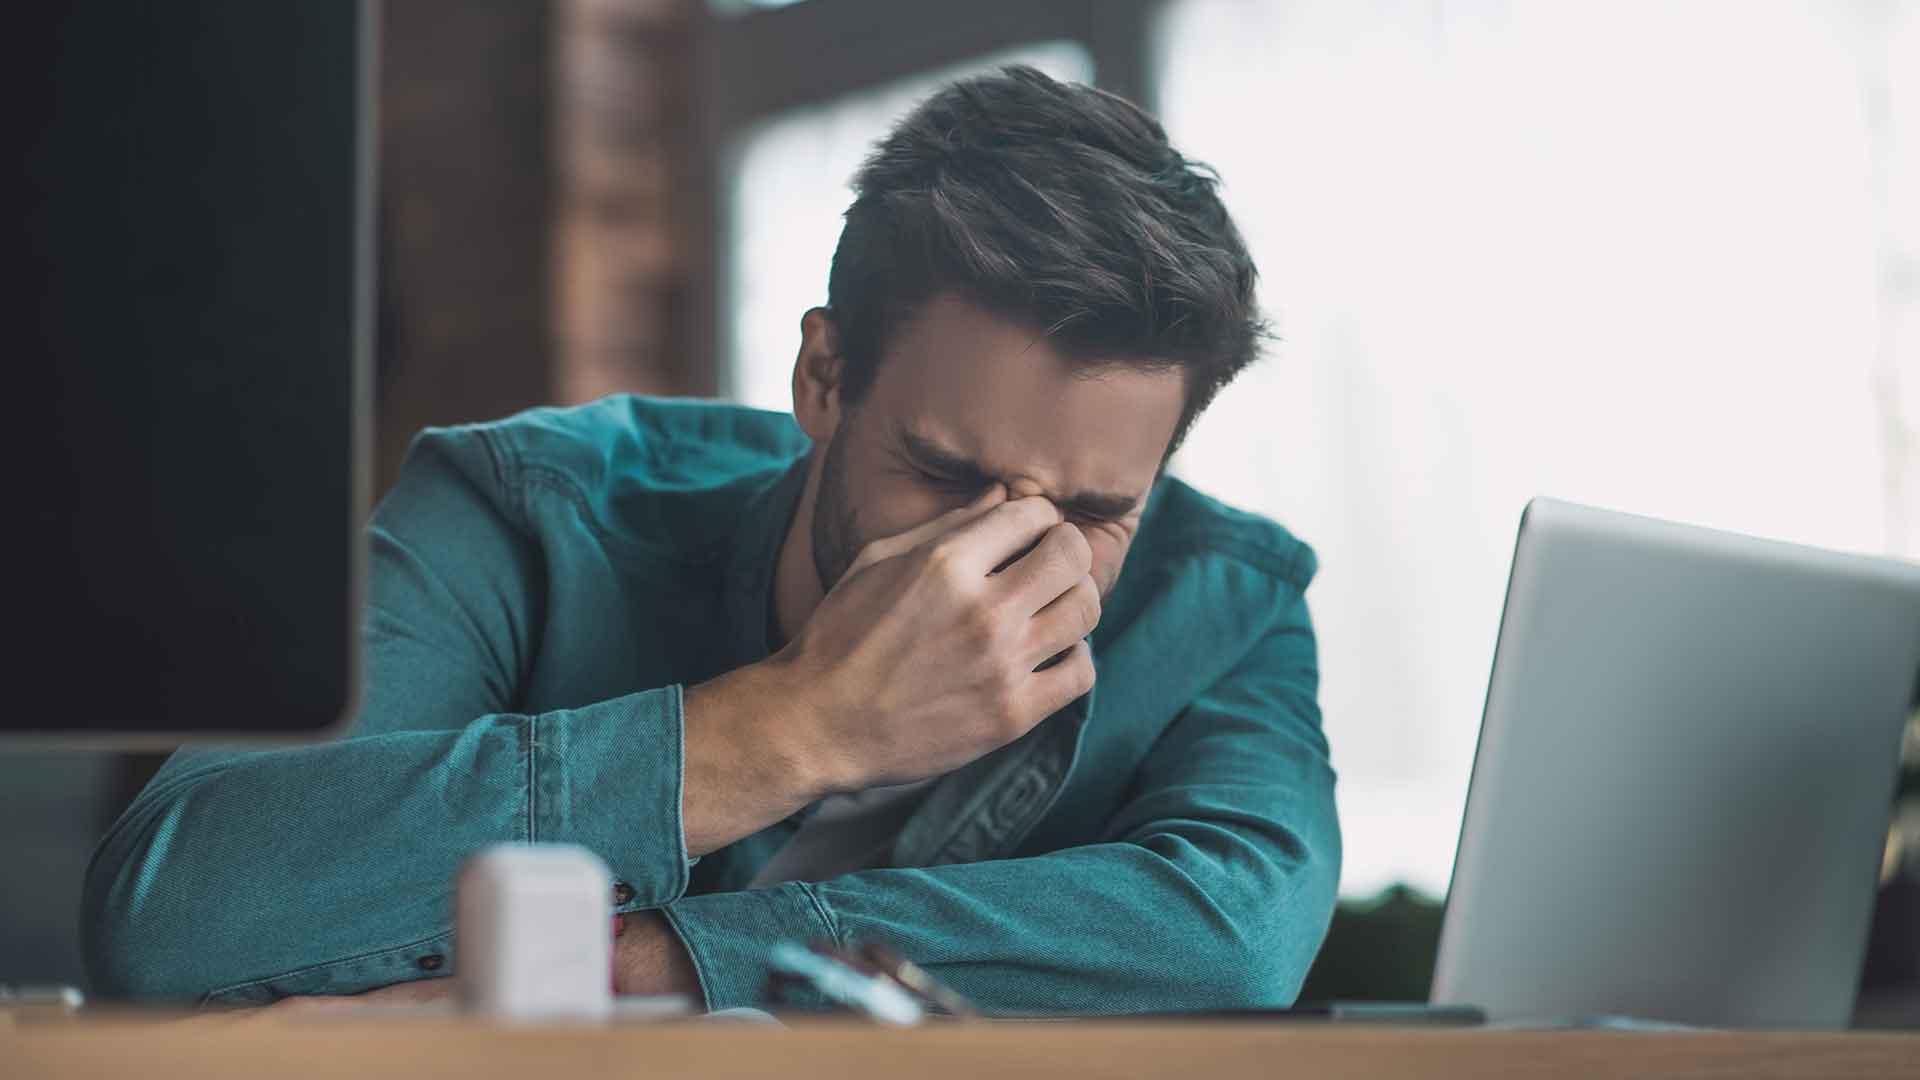 Ψυχική ανθεκτικότητα και στρατηγικές διαχείρισης του άγχους